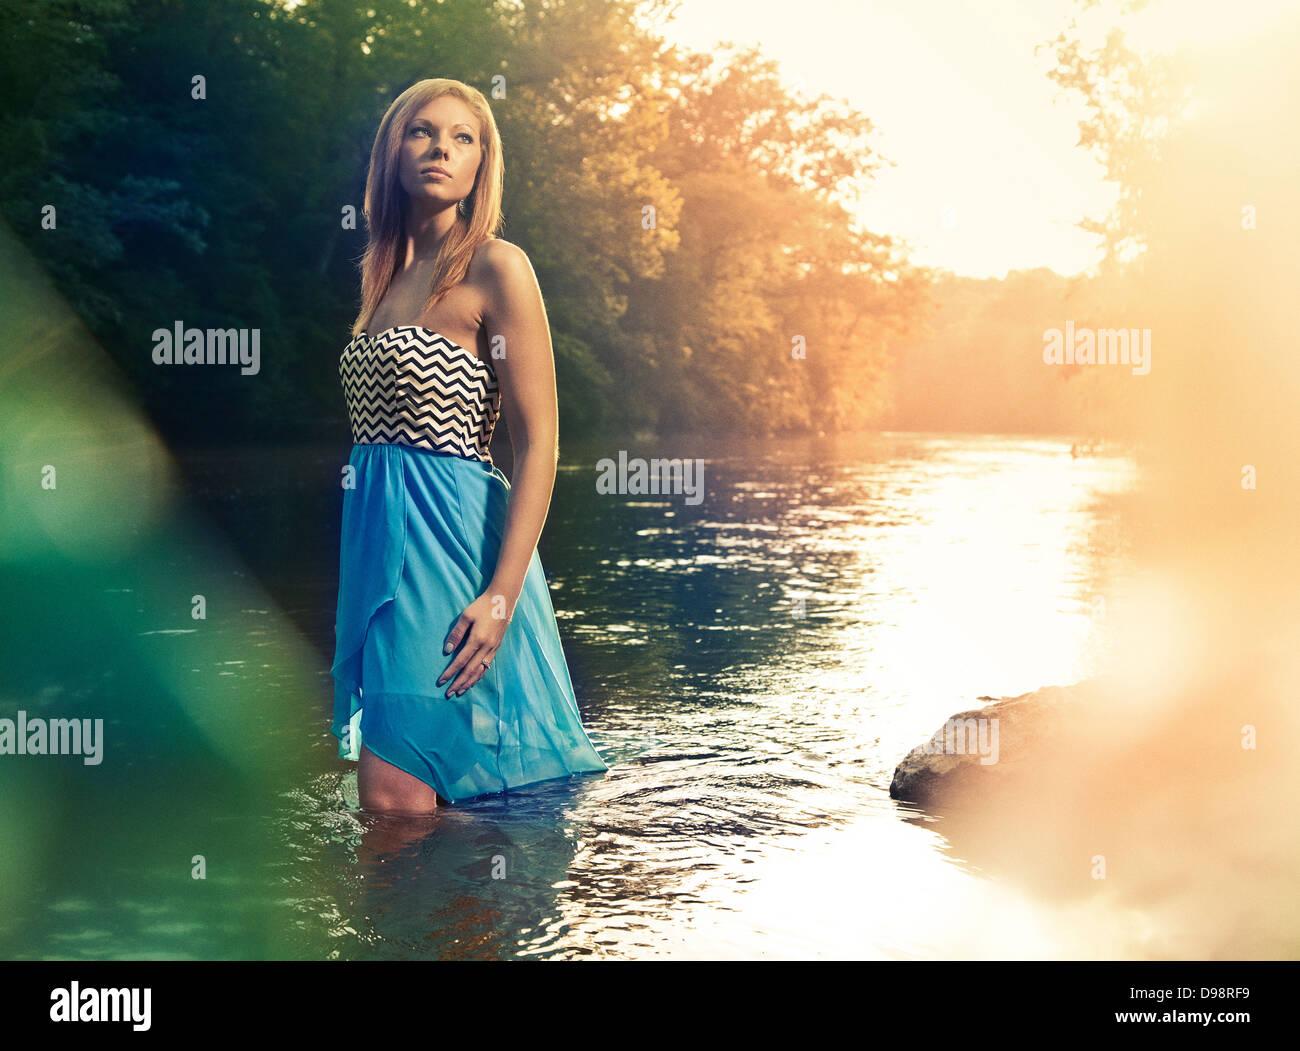 Femme en robe bleue walking in river pendant le coucher du soleil Photo Stock